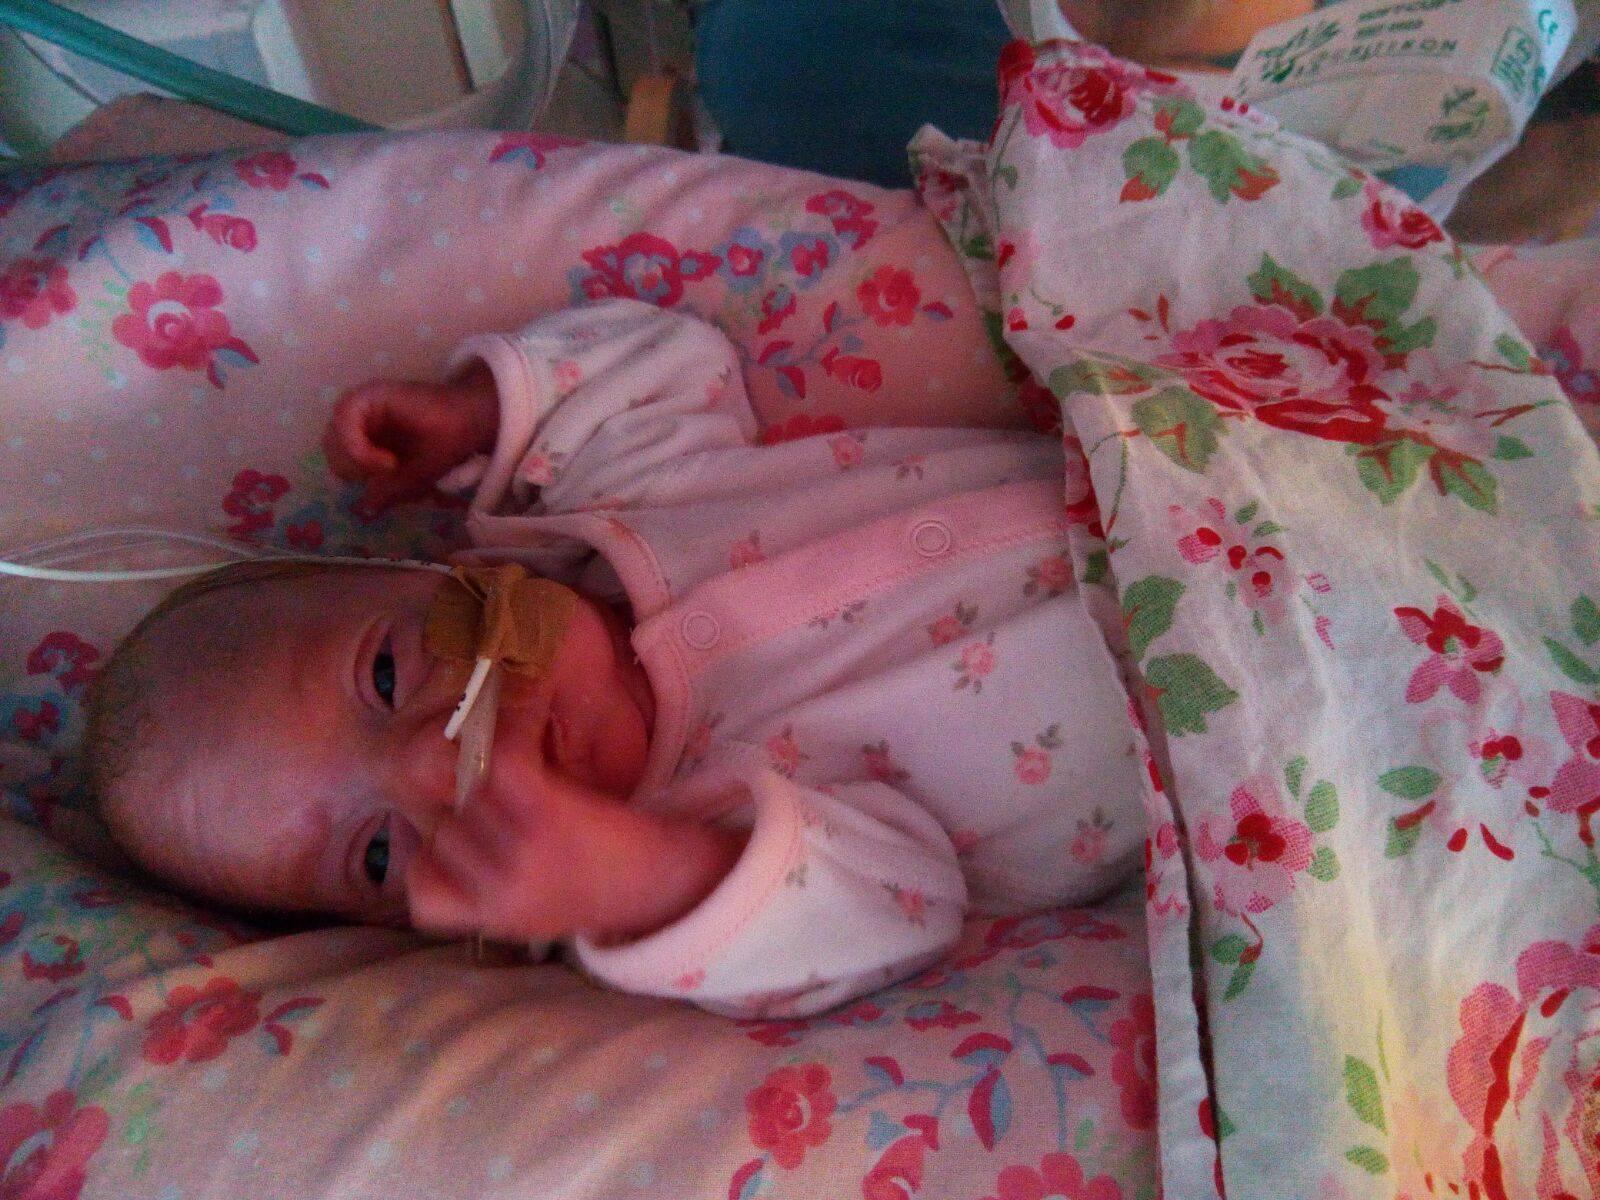 Fetita nascuta cu o zi inainte de data limita pana la care se pot face avorturi 2